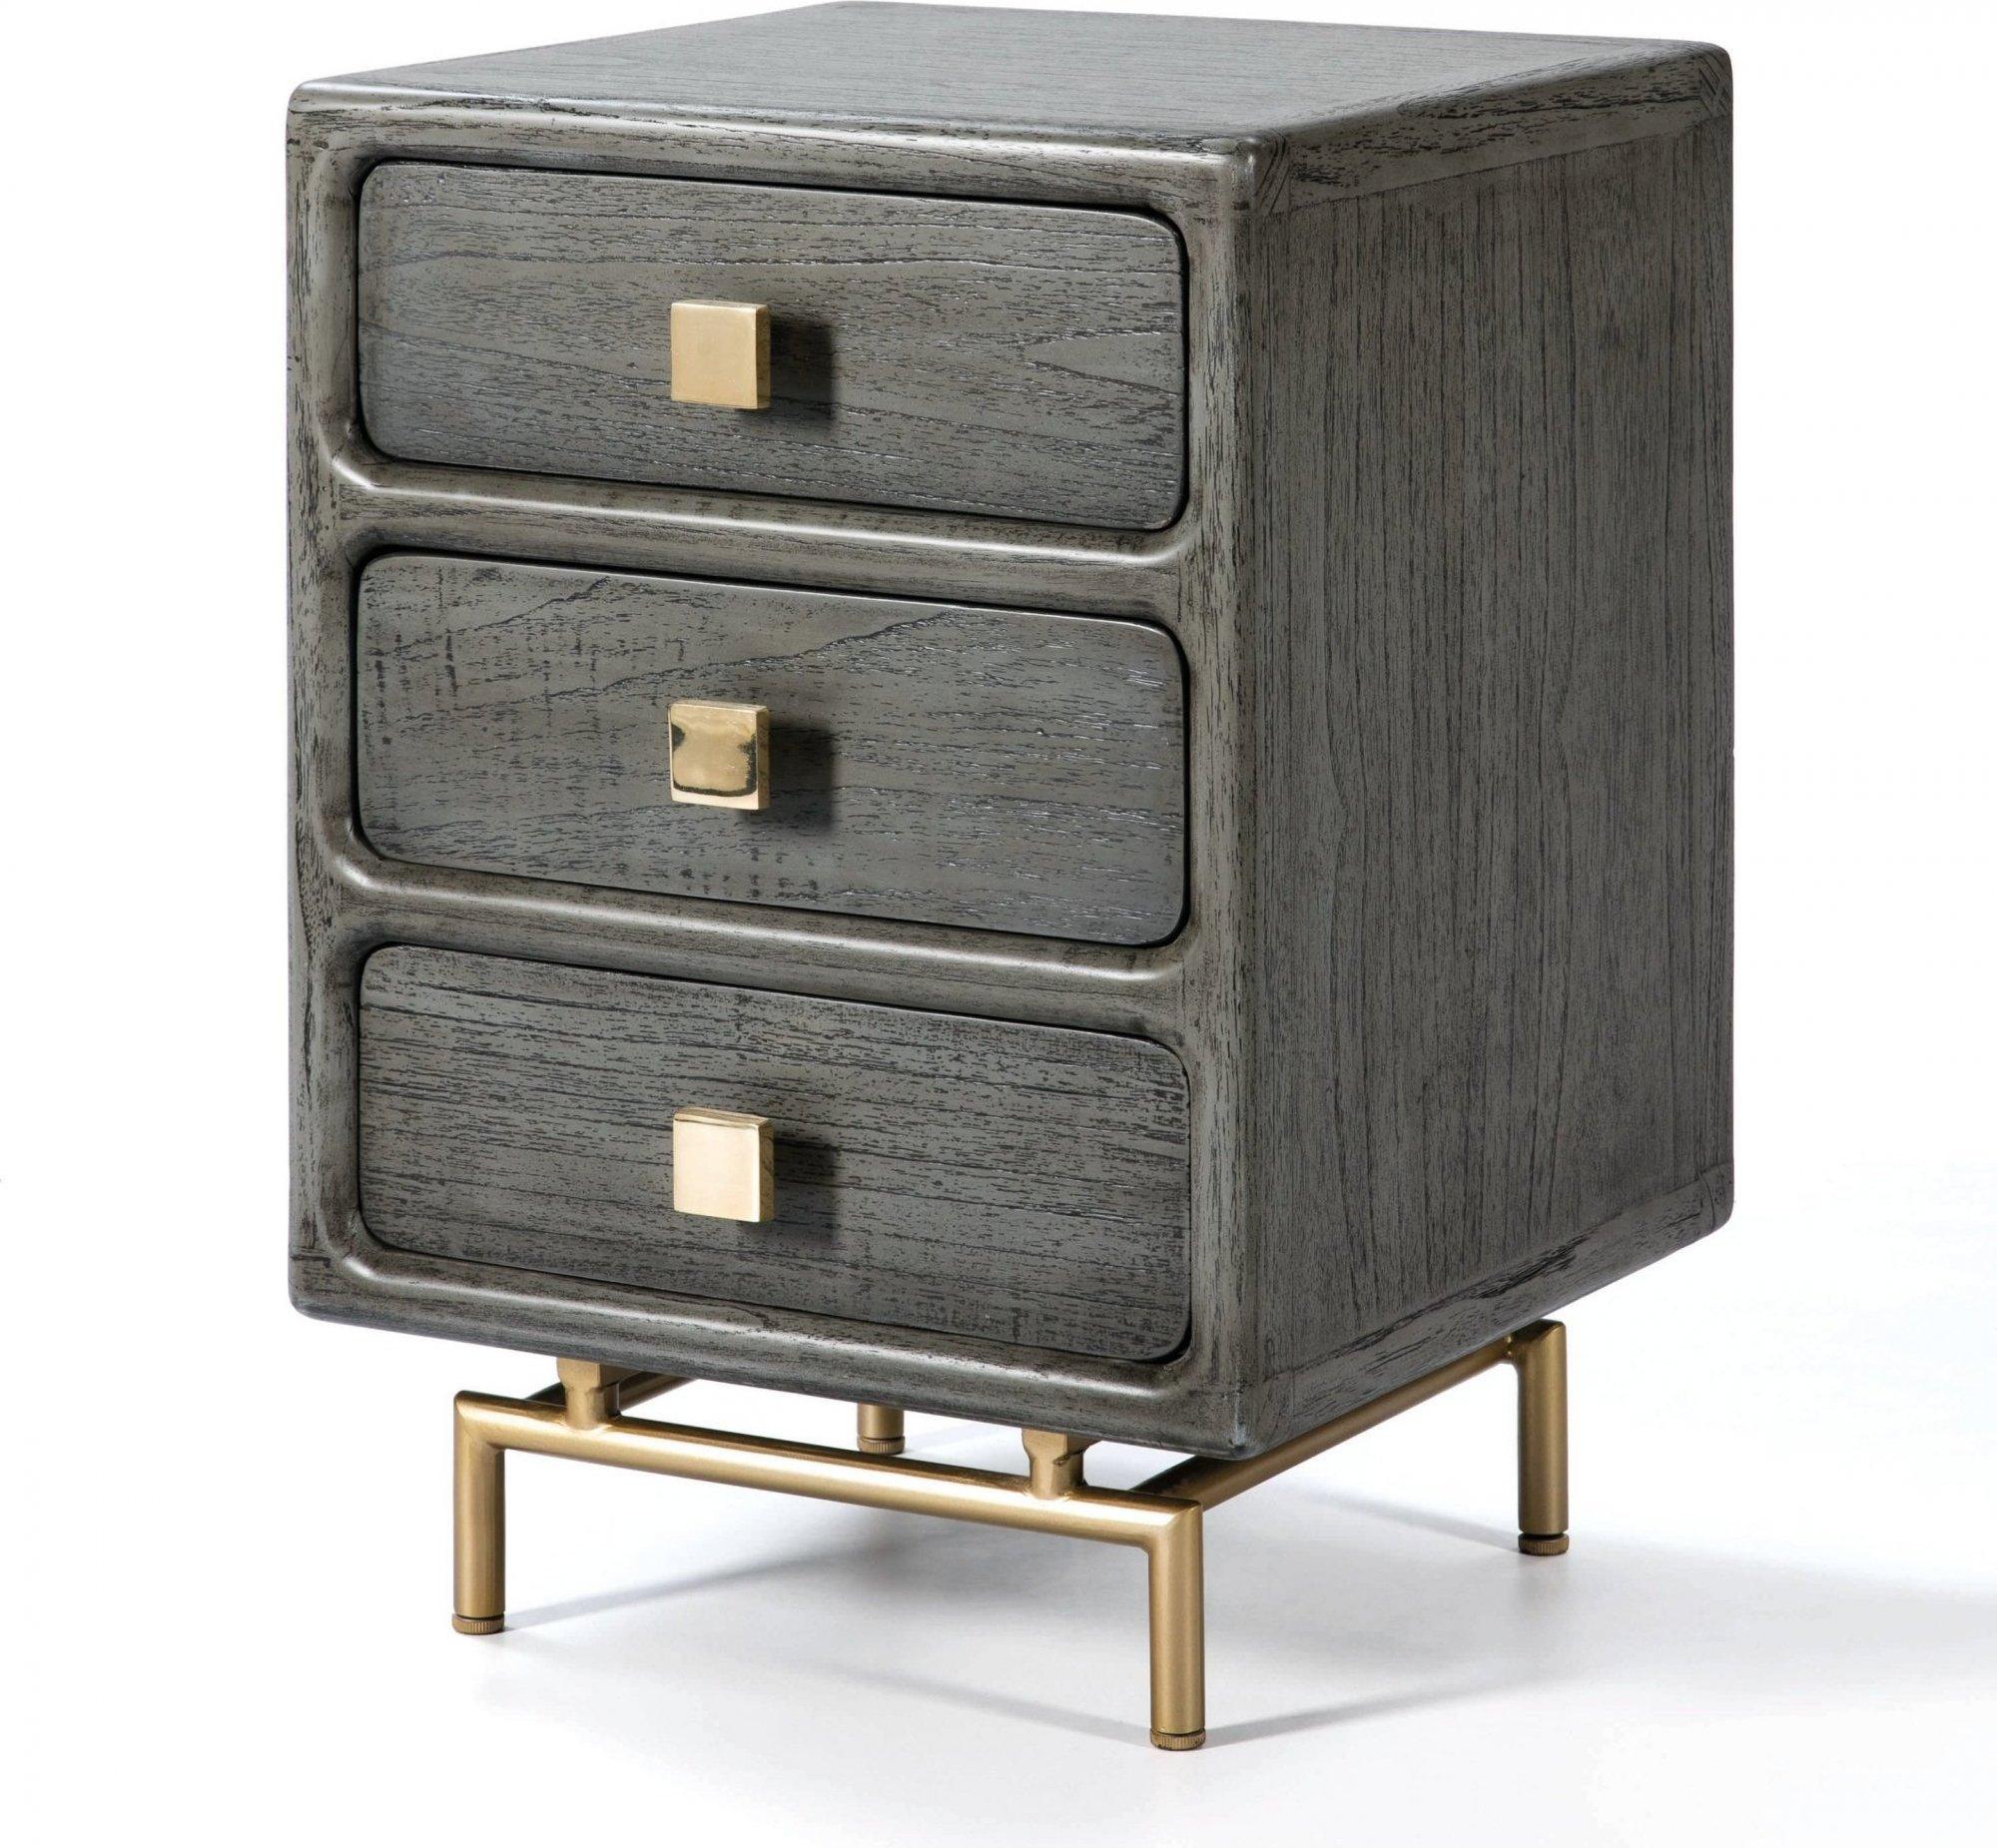 Table de chevet 3 tiroirs en bois cérusé gris et doré